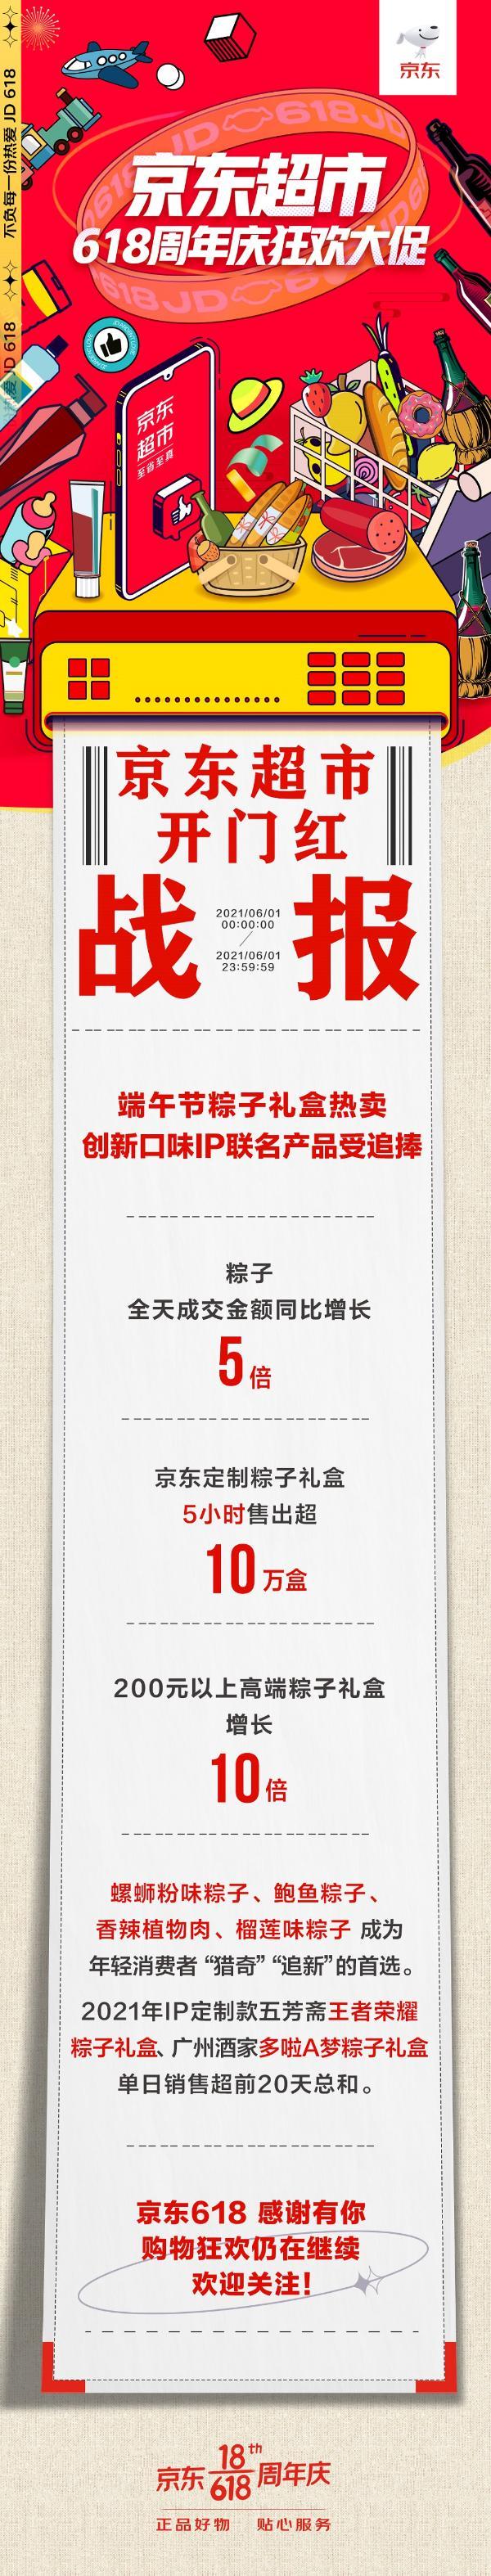 """螺蛳粉味粽子、鲍鱼粽子热卖 京东618开门红吃货""""追新""""尝鲜"""